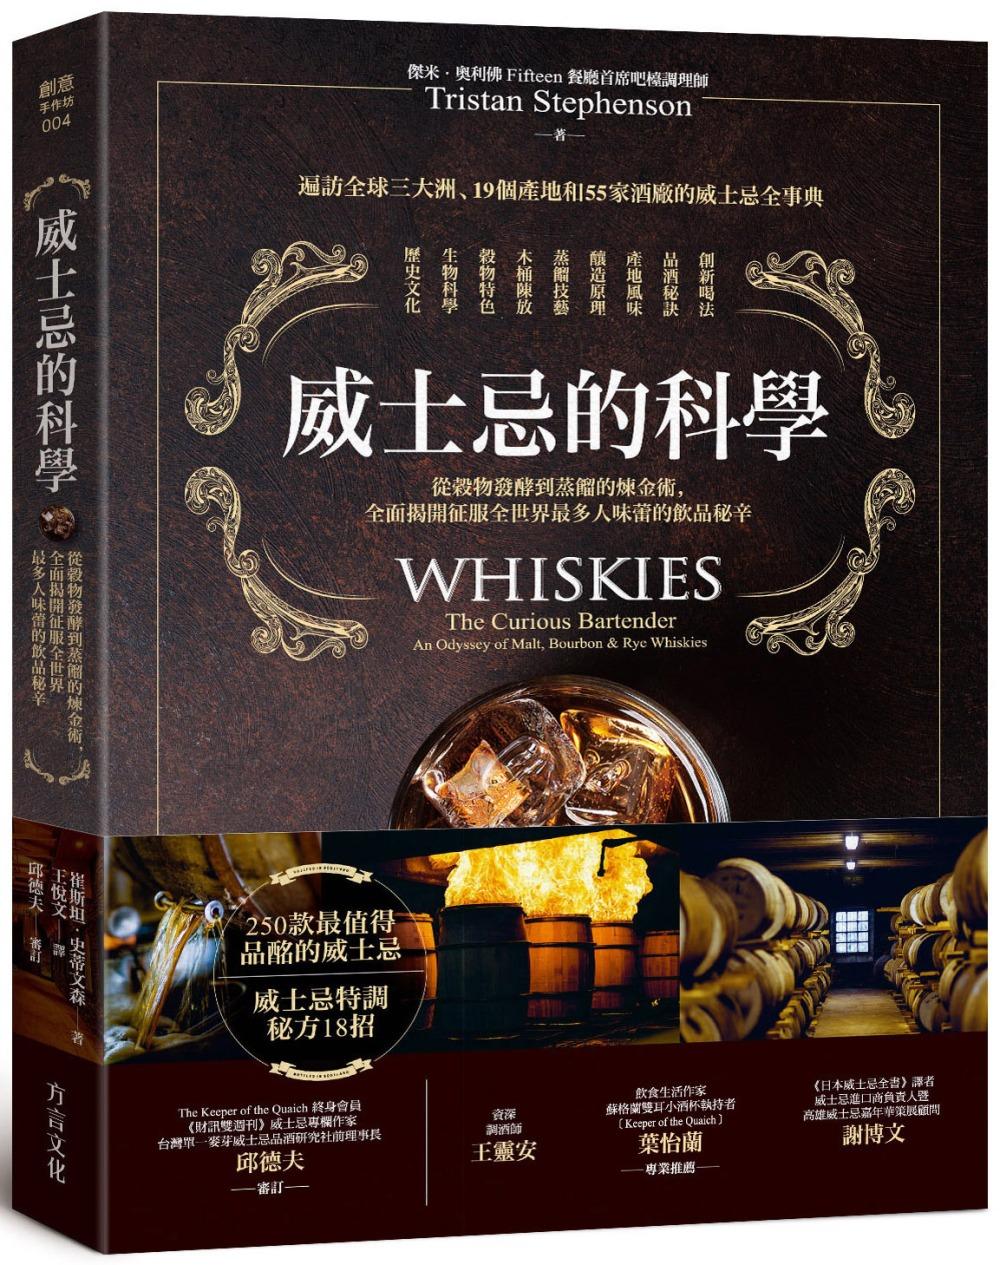 威士忌的科學:從穀物發酵到蒸餾的煉金術,全面揭開征服全世界最多人味蕾的飲品秘辛